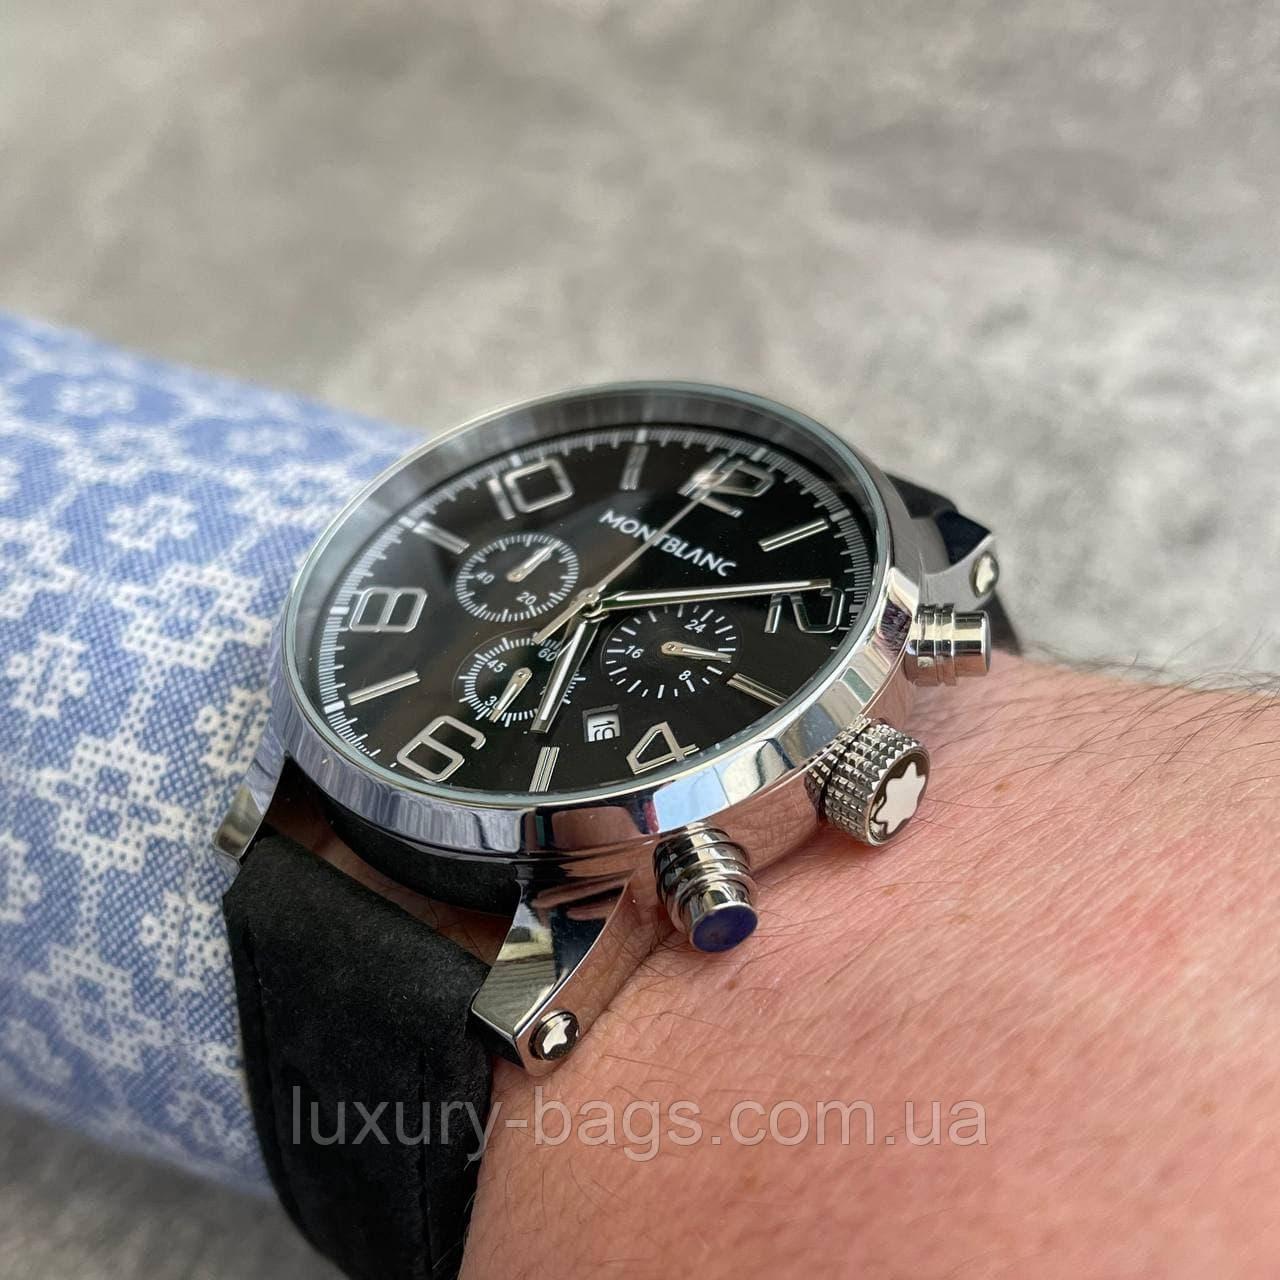 Годинники чоловічі наручні Mont Blanc TimeWalker